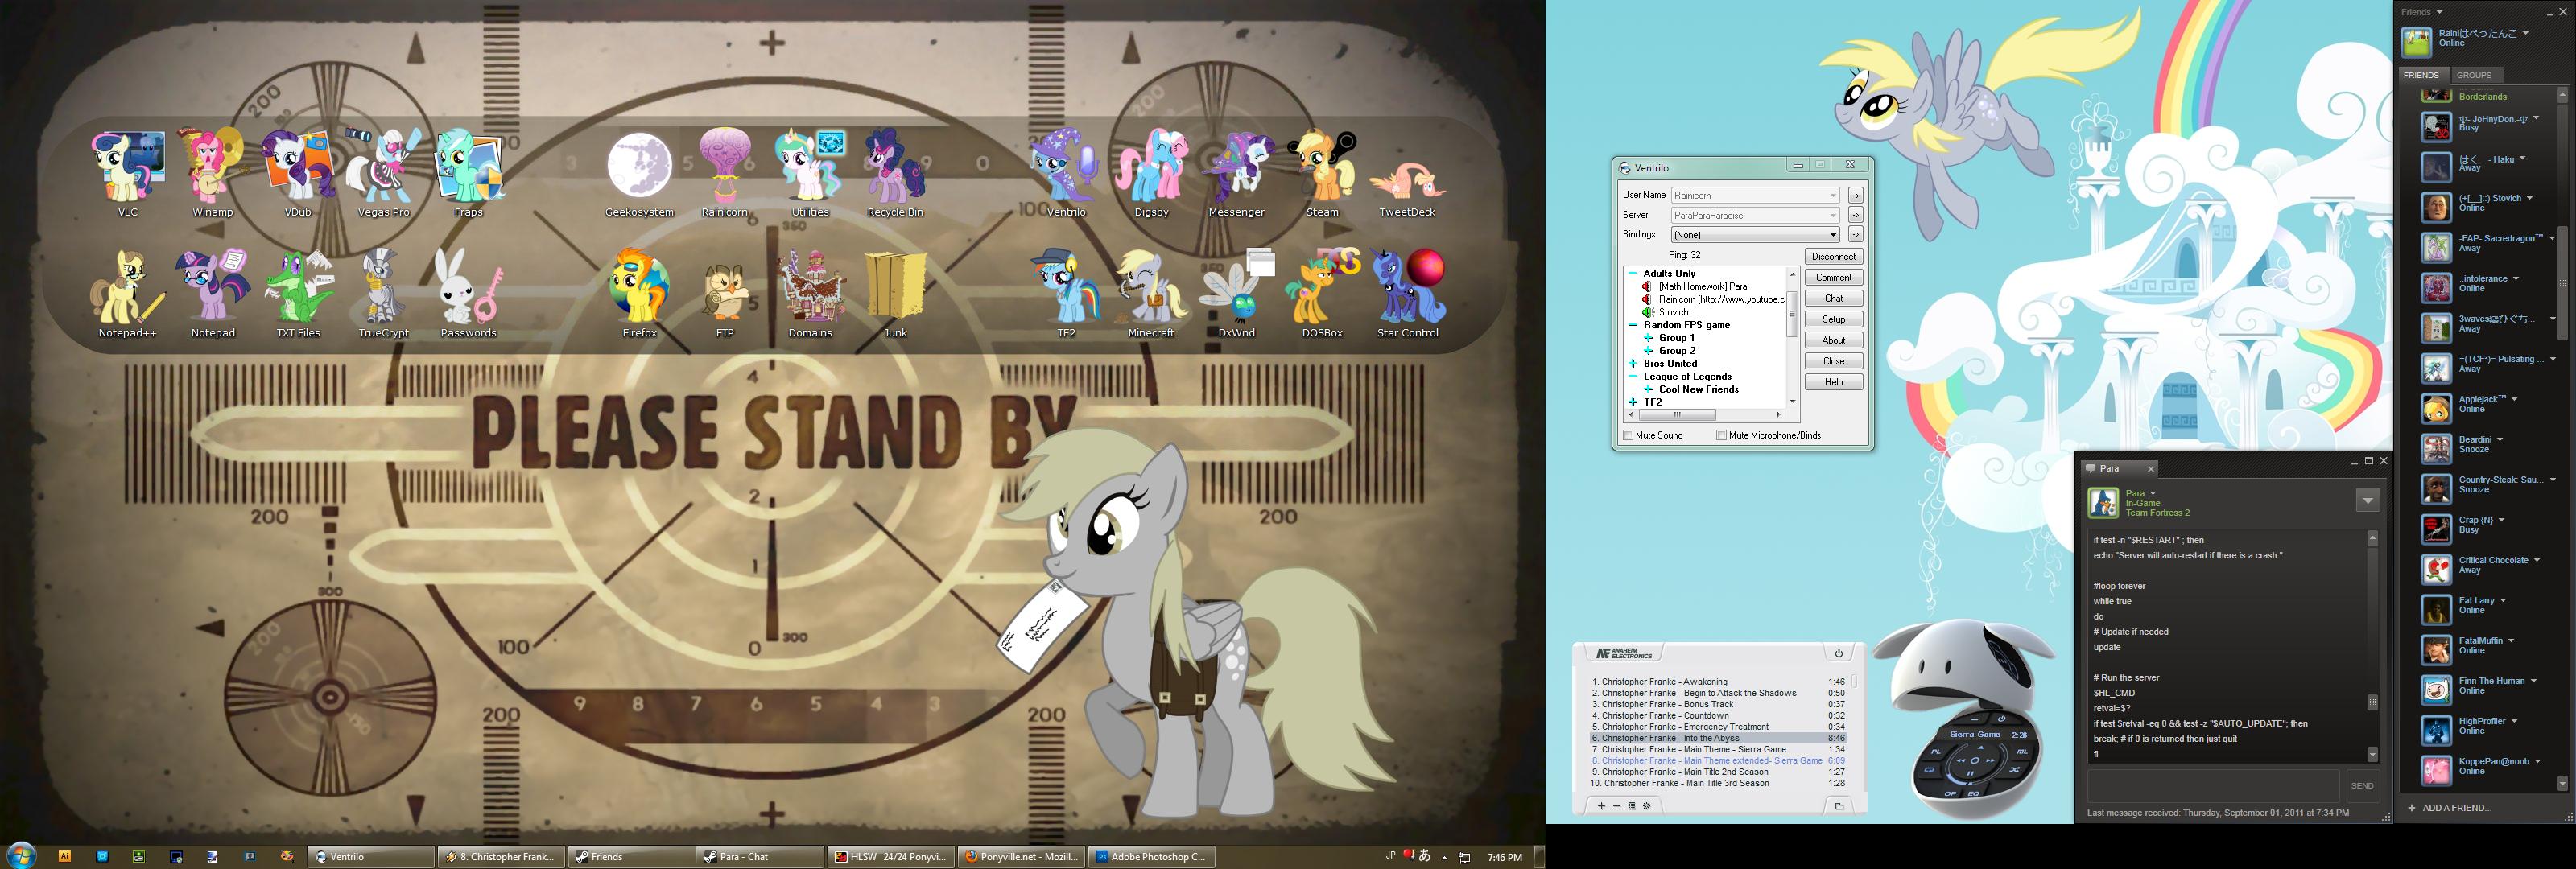 derpy-desktop.png